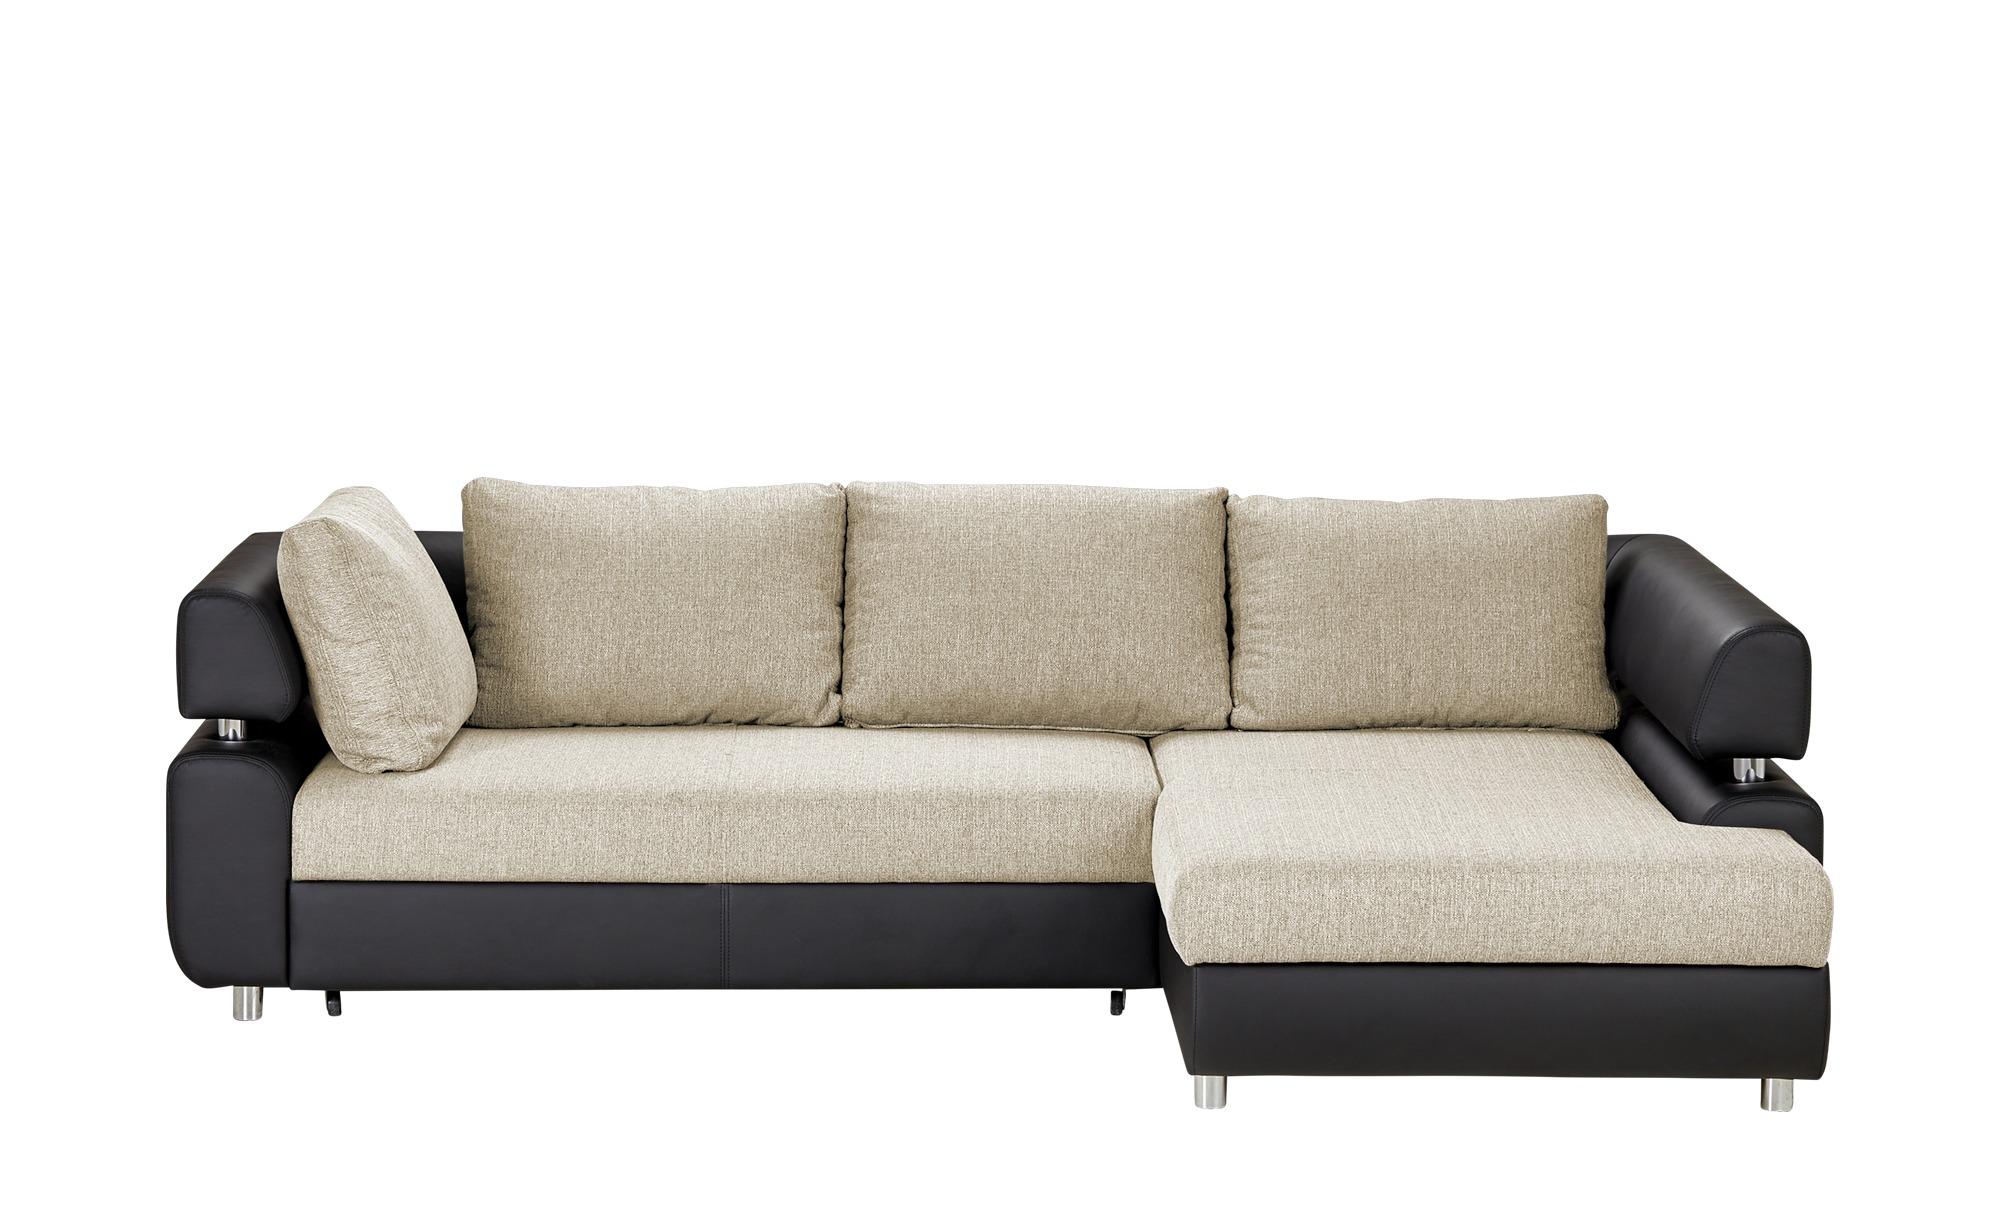 switch Zweifarbiges Ecksofa mit Schlaffunktion schwarz/beige - Kunstleder/Webstoff Panama ¦ Maße (cm): H: 84 Polstermöbel > Sofas > Ecksofas - Höffner